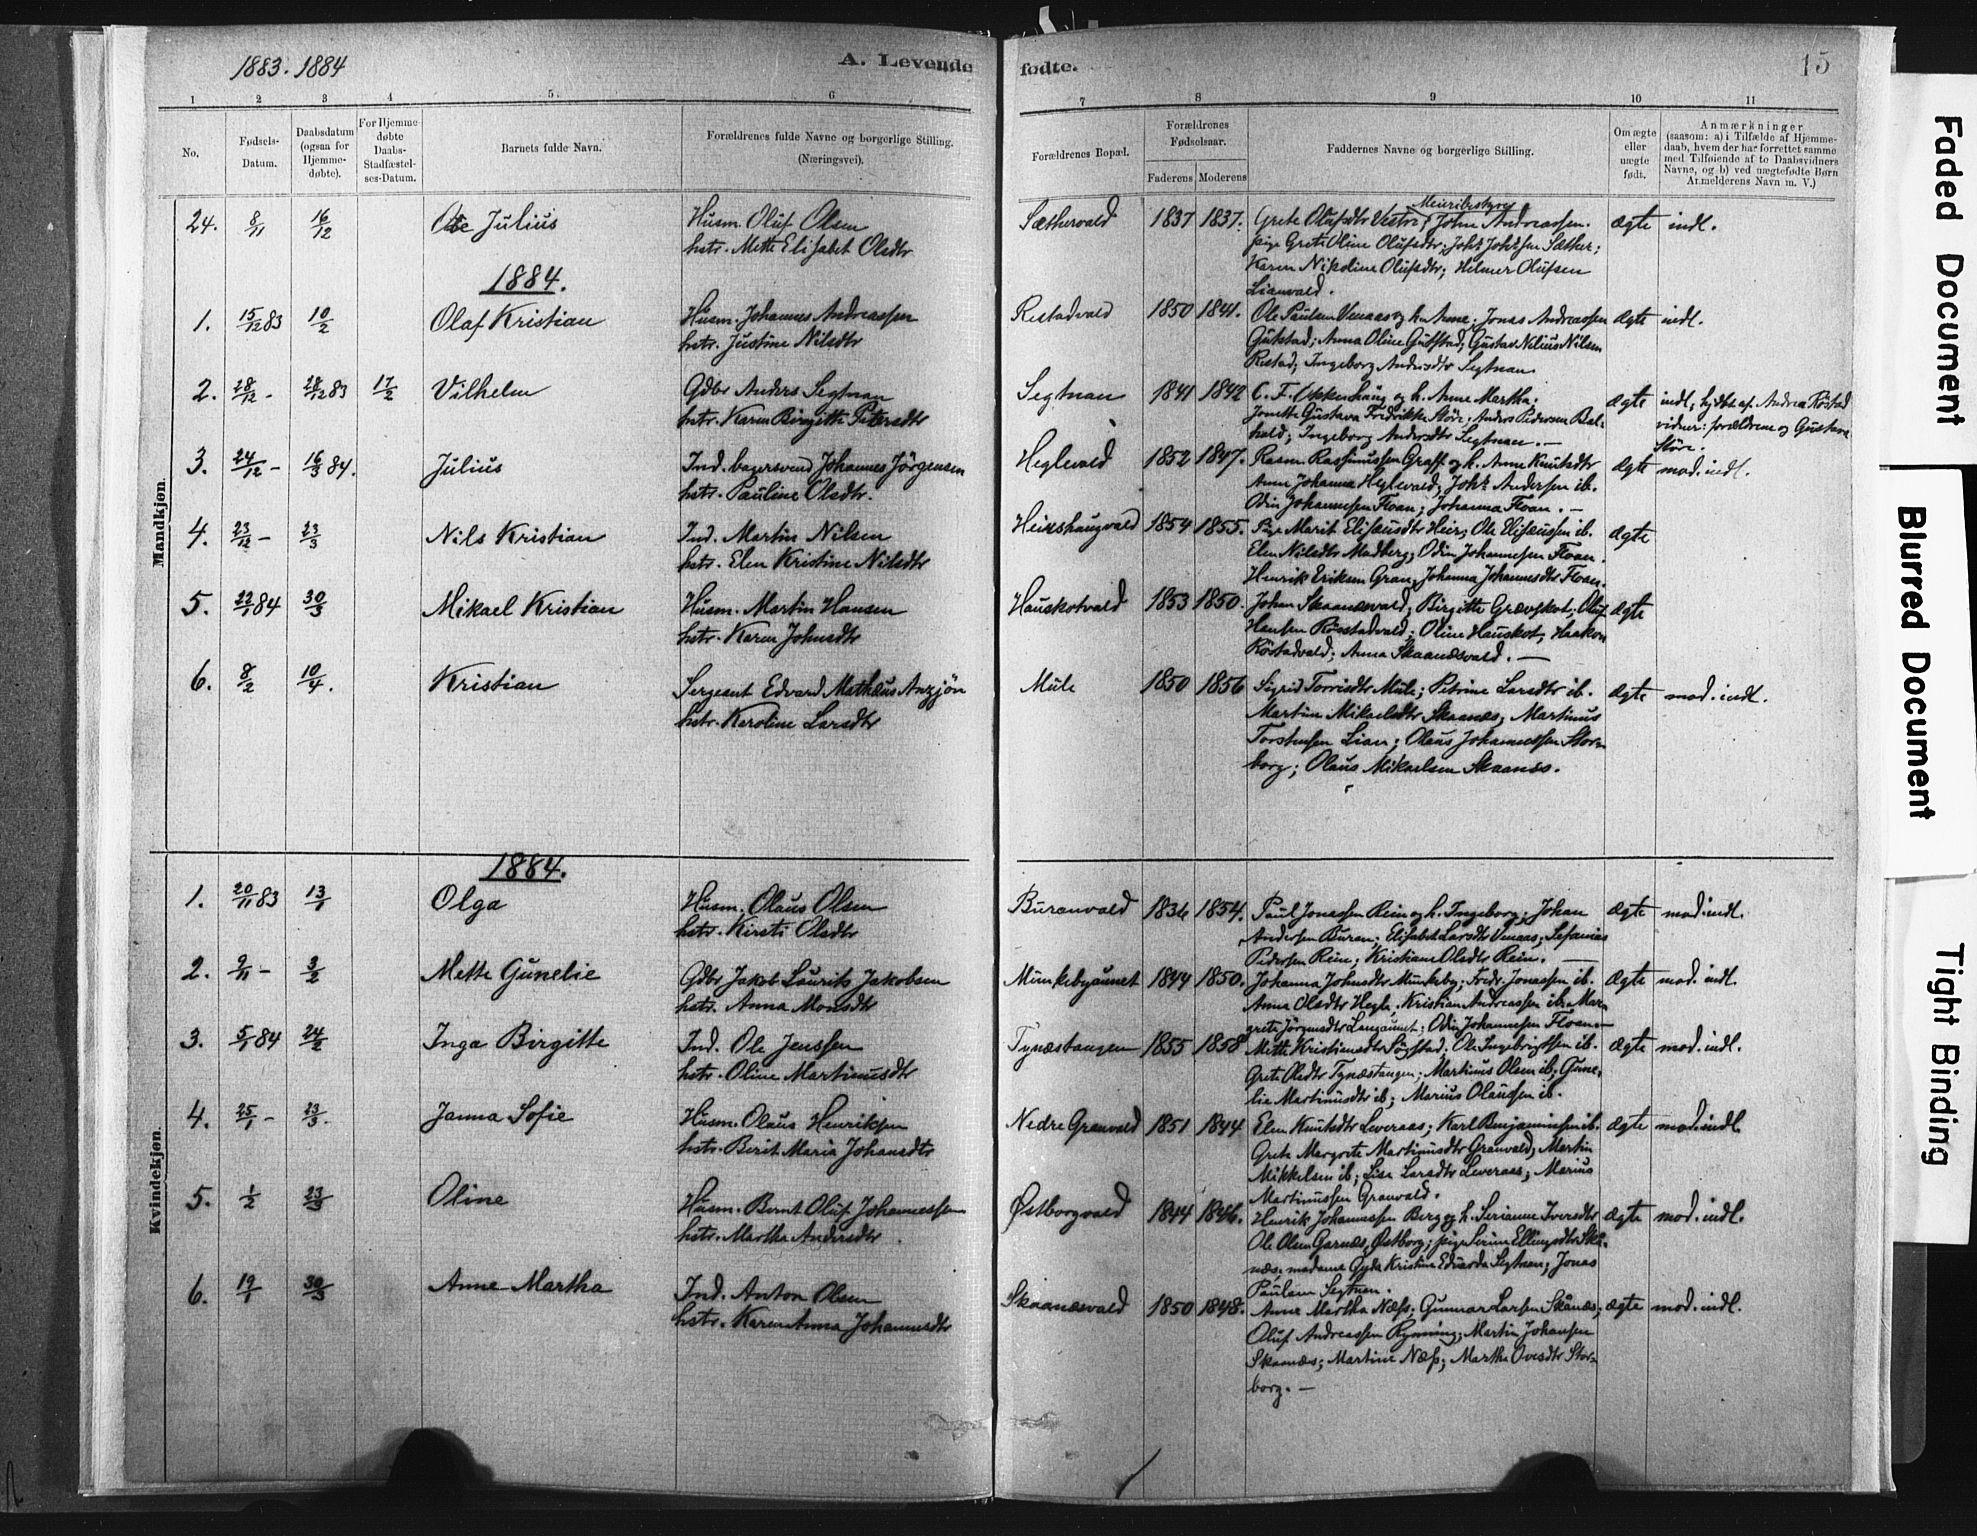 SAT, Ministerialprotokoller, klokkerbøker og fødselsregistre - Nord-Trøndelag, 721/L0207: Ministerialbok nr. 721A02, 1880-1911, s. 15